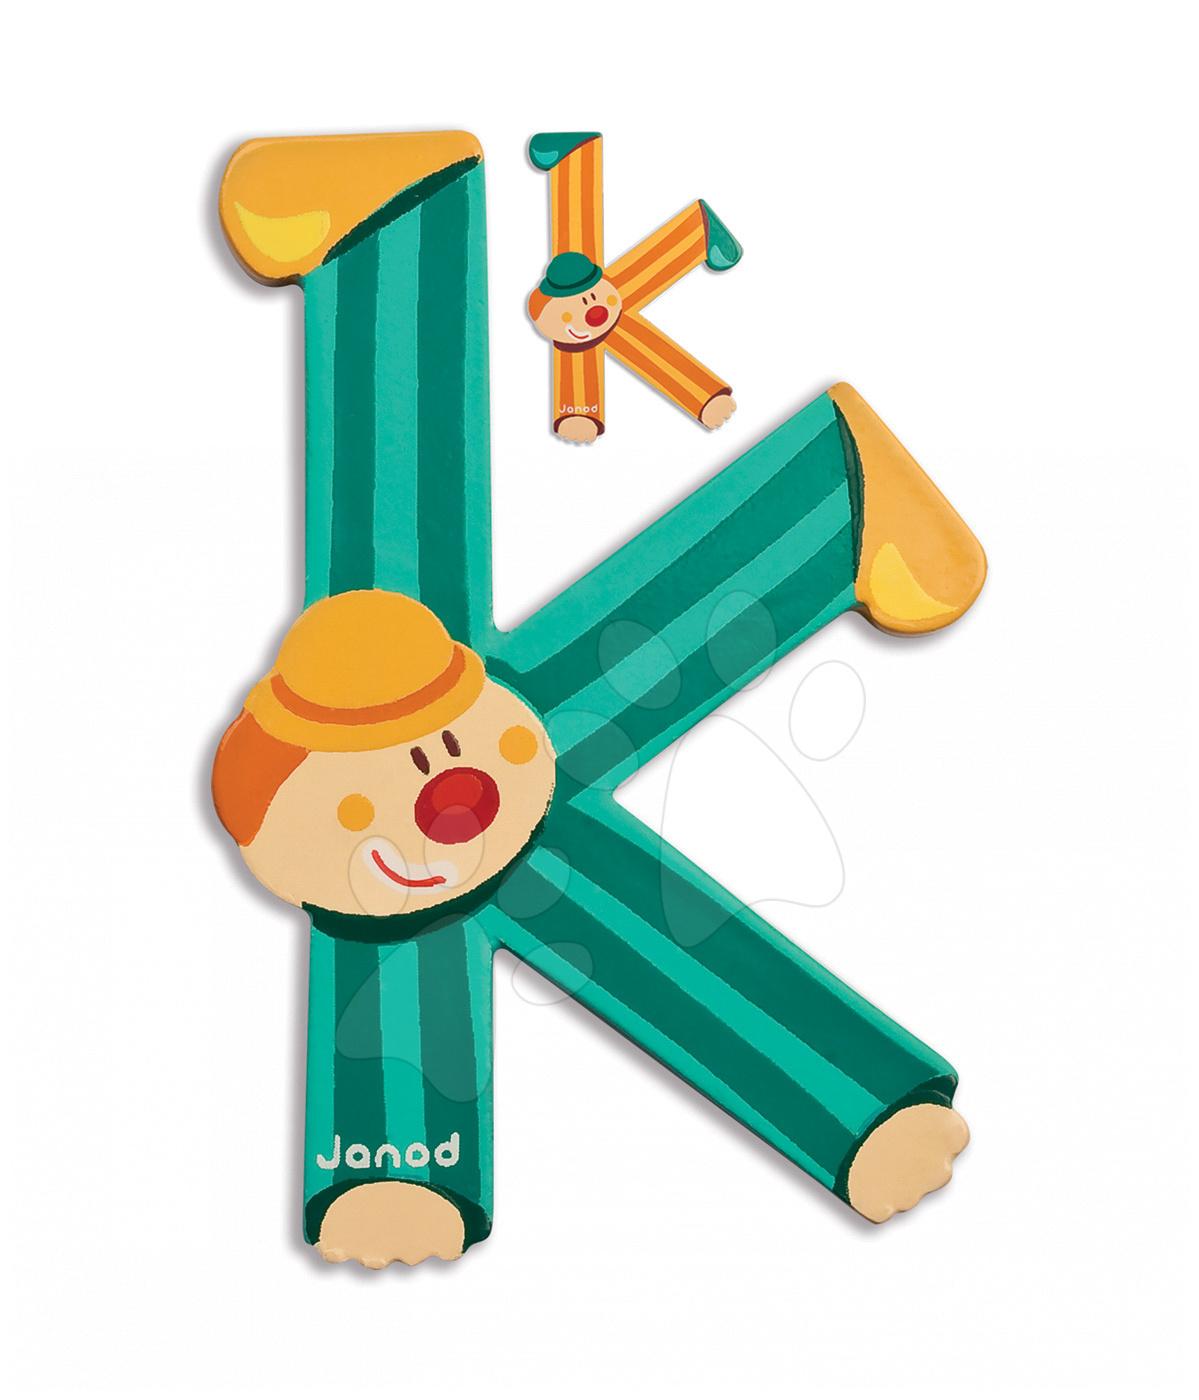 Dřevěné písmeno K Clown Letter Janod lepící 9 cm oranžové